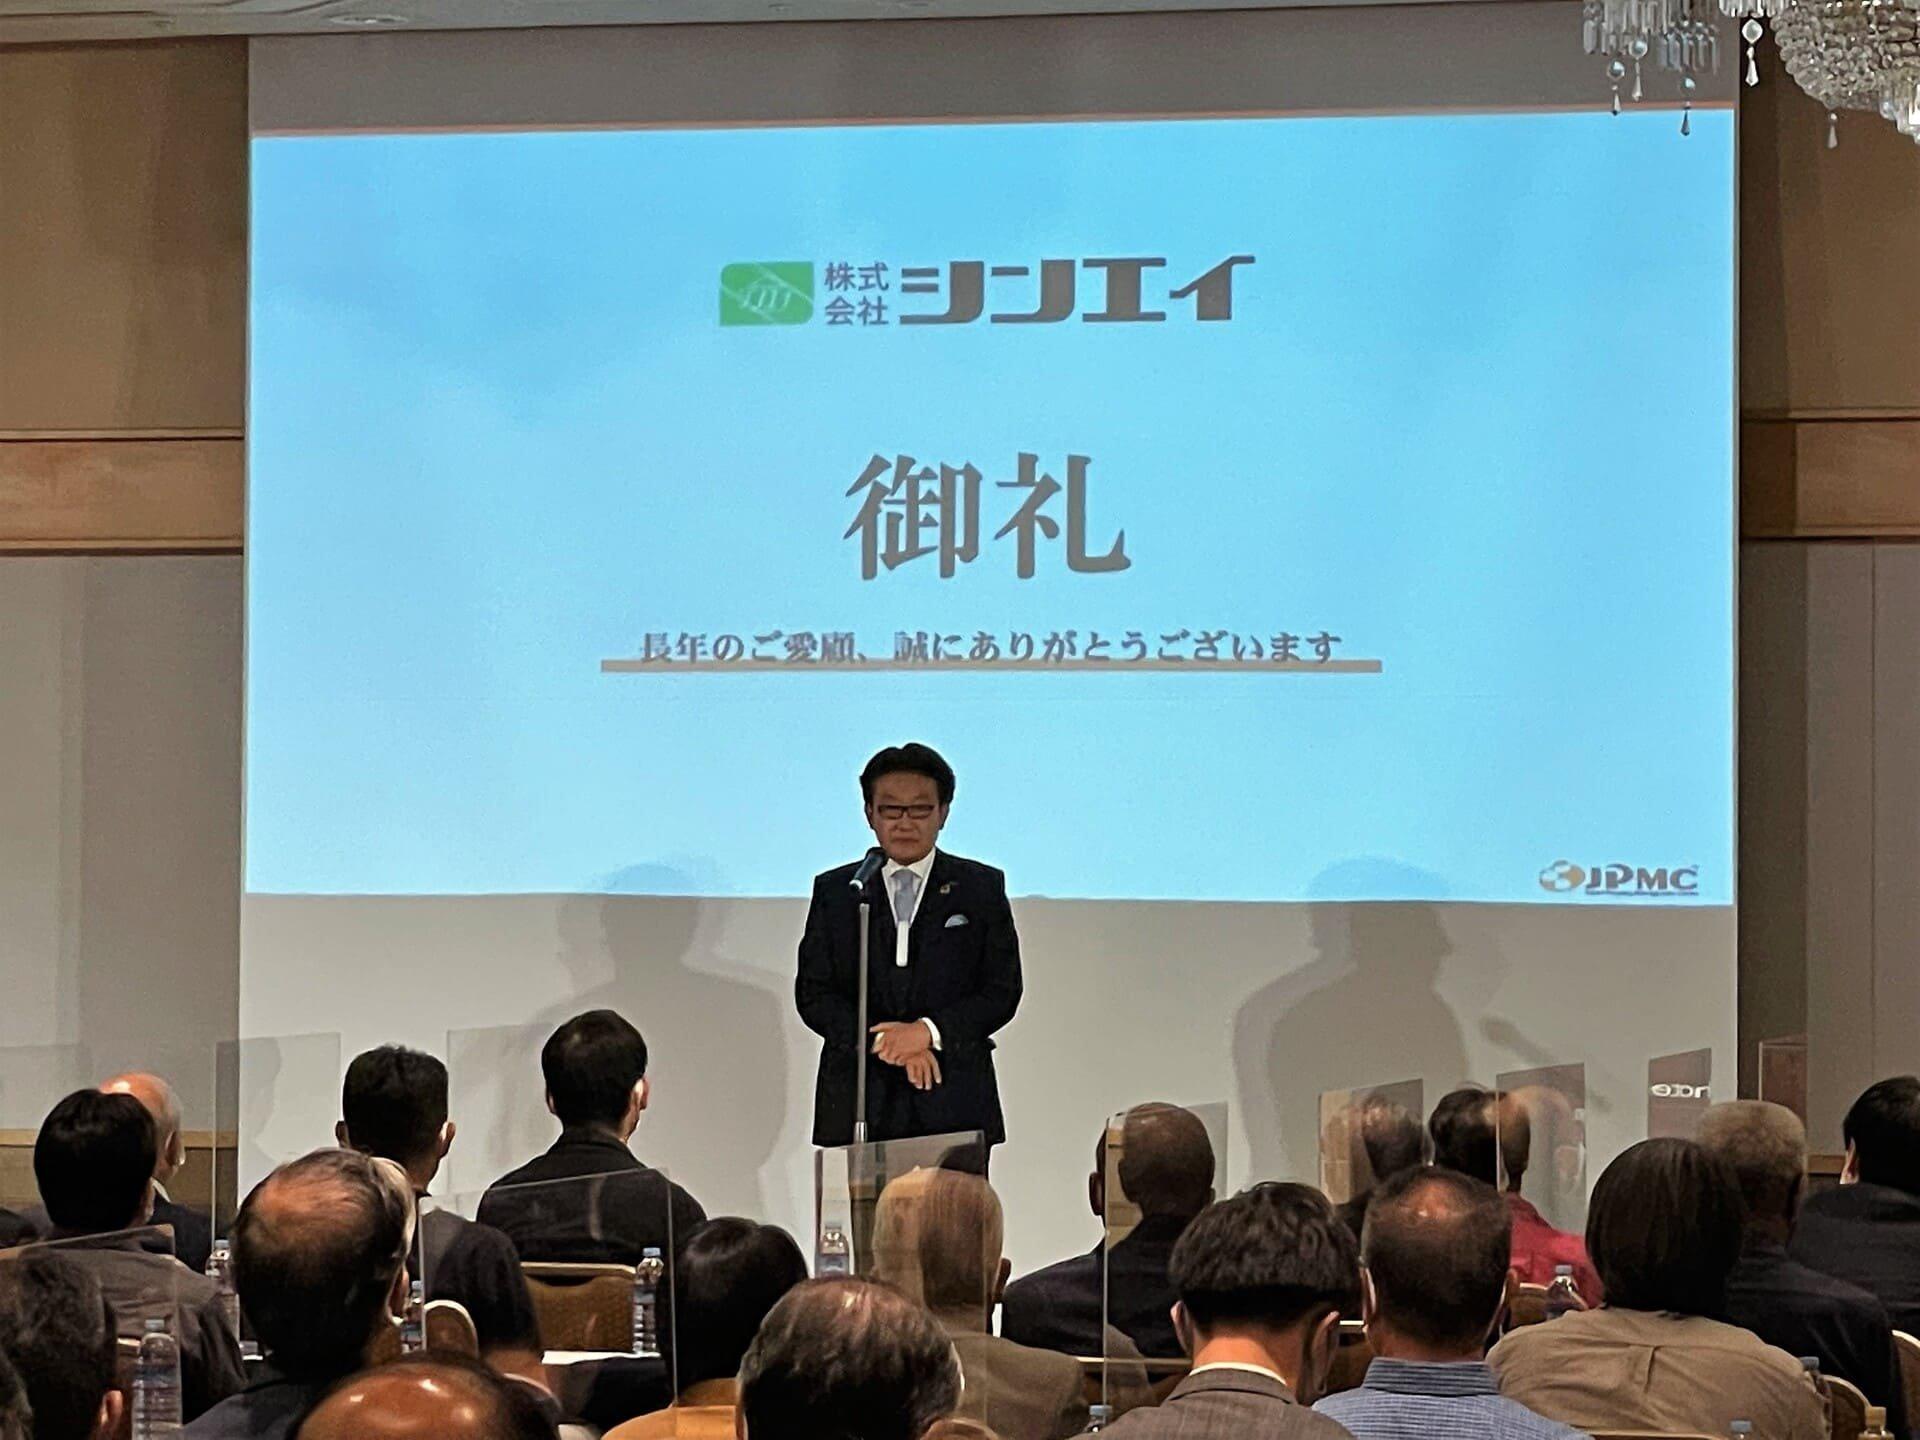 日本管理センター、グループ会社発足セミナー開催し家主など100人参加